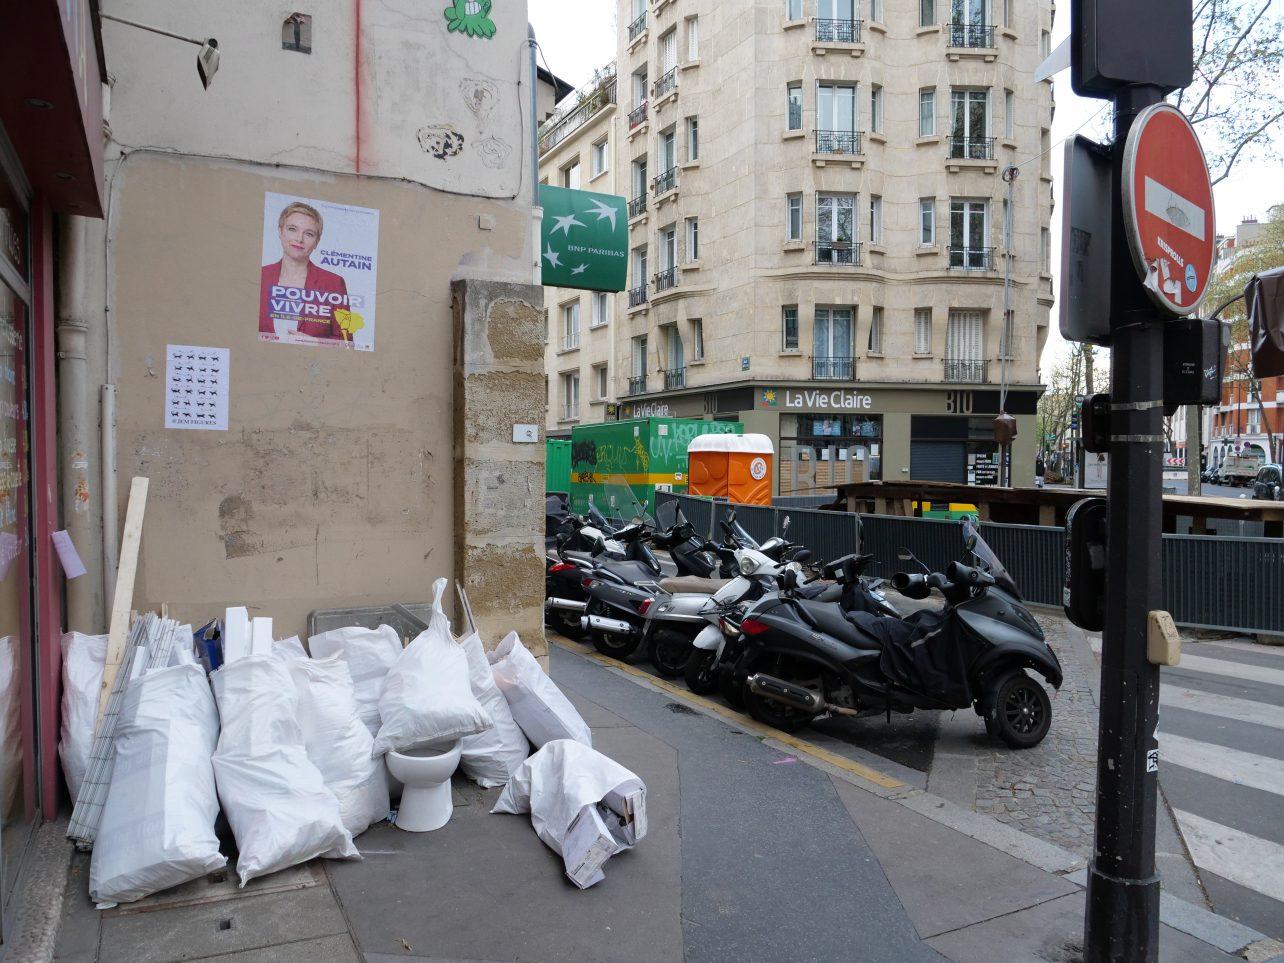 Répétez après moi Paris est une ville propre. le 5 avril 2021 à 18h30